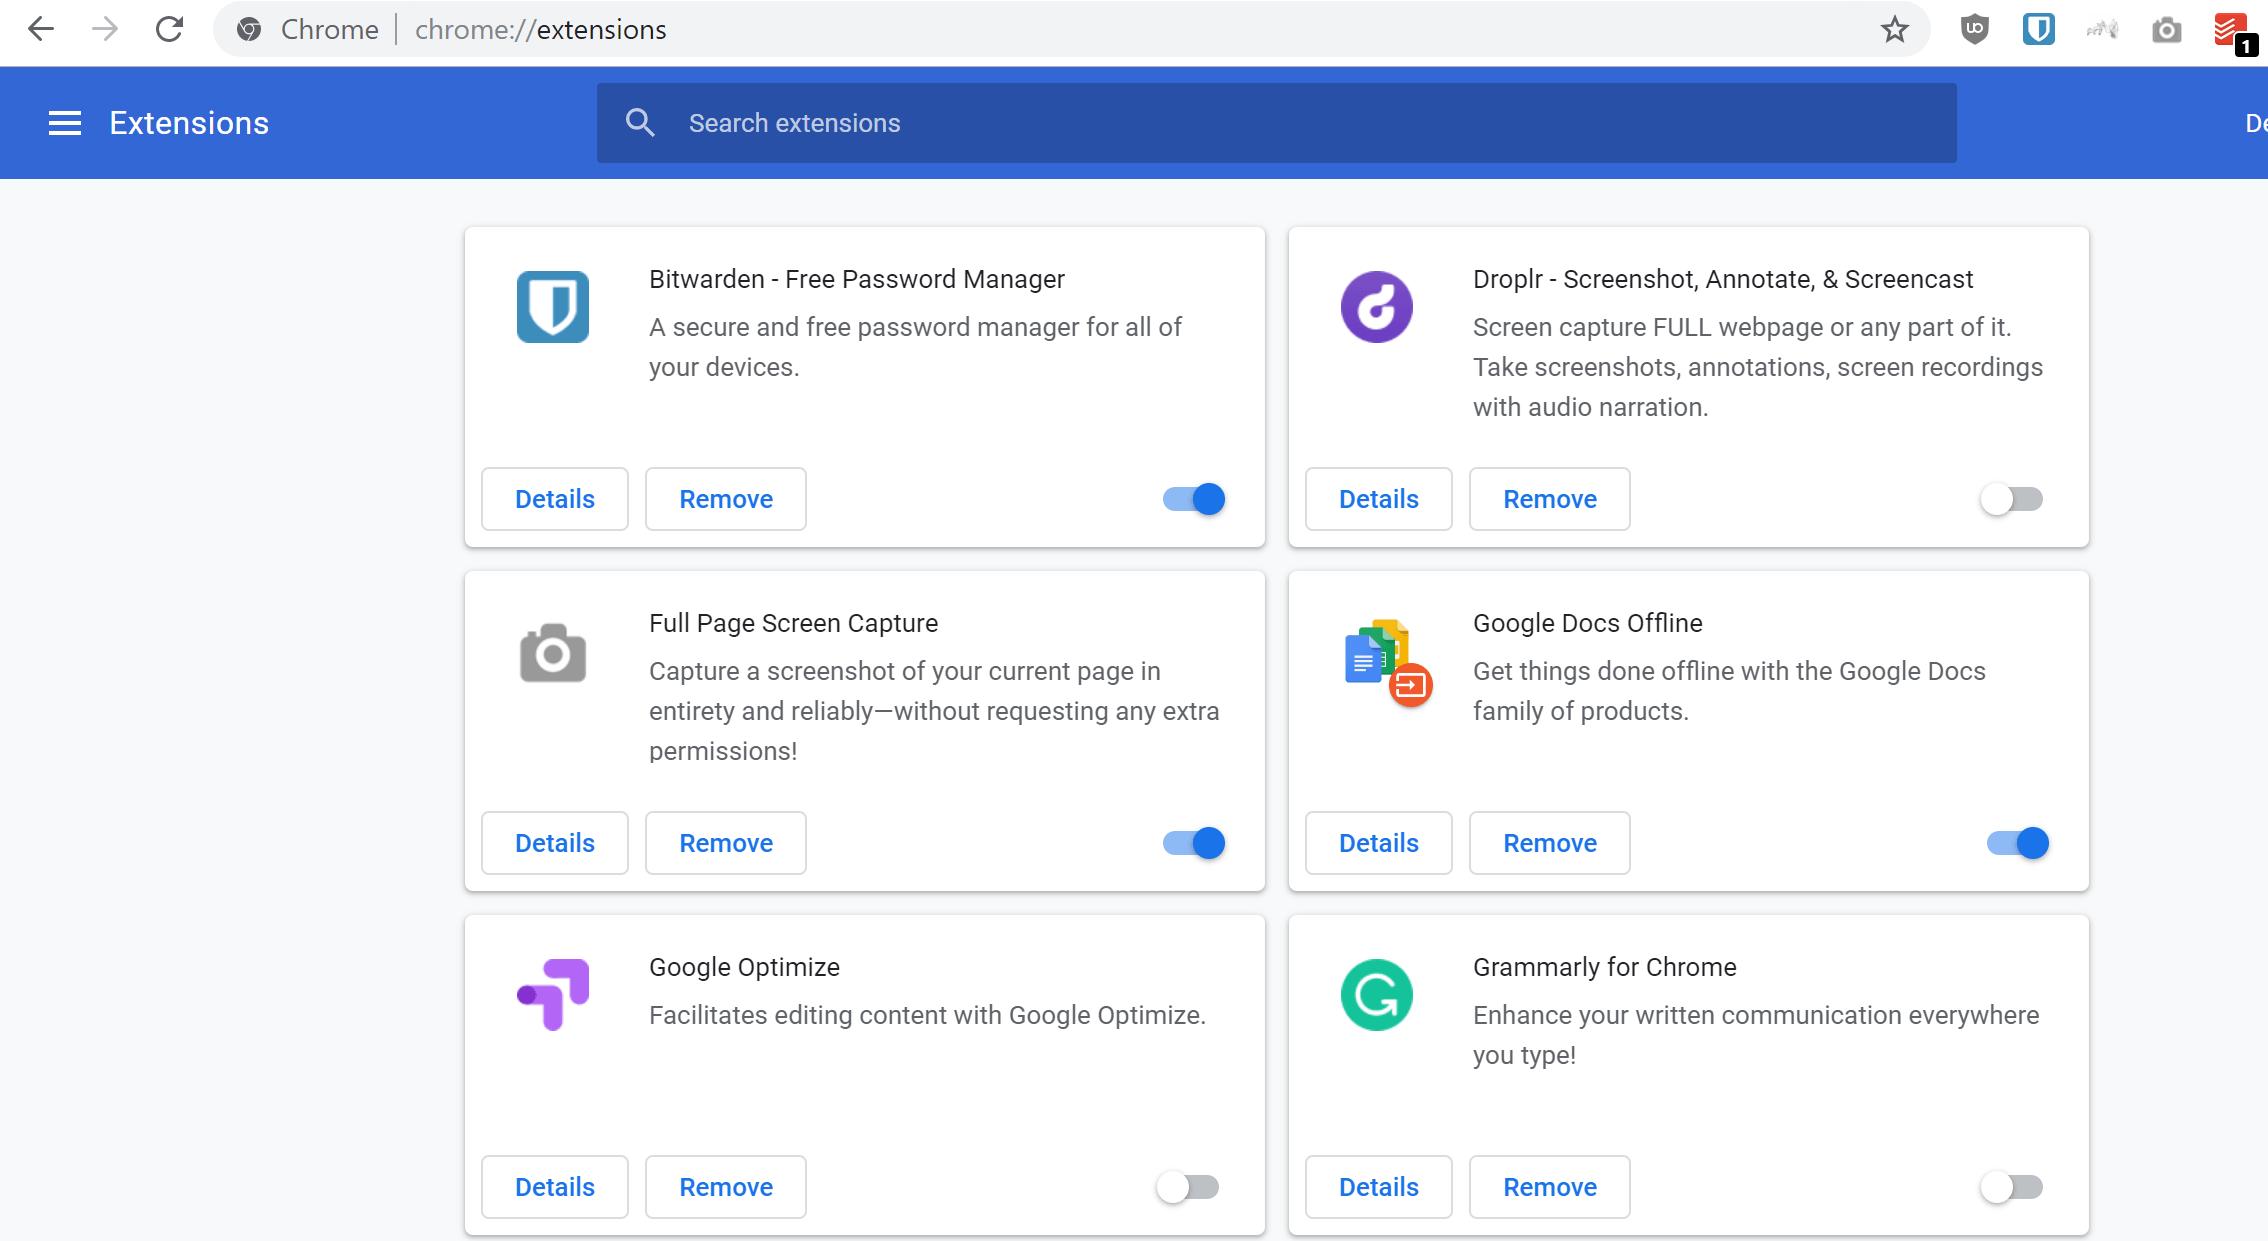 Chromeの拡張機能を無効にする